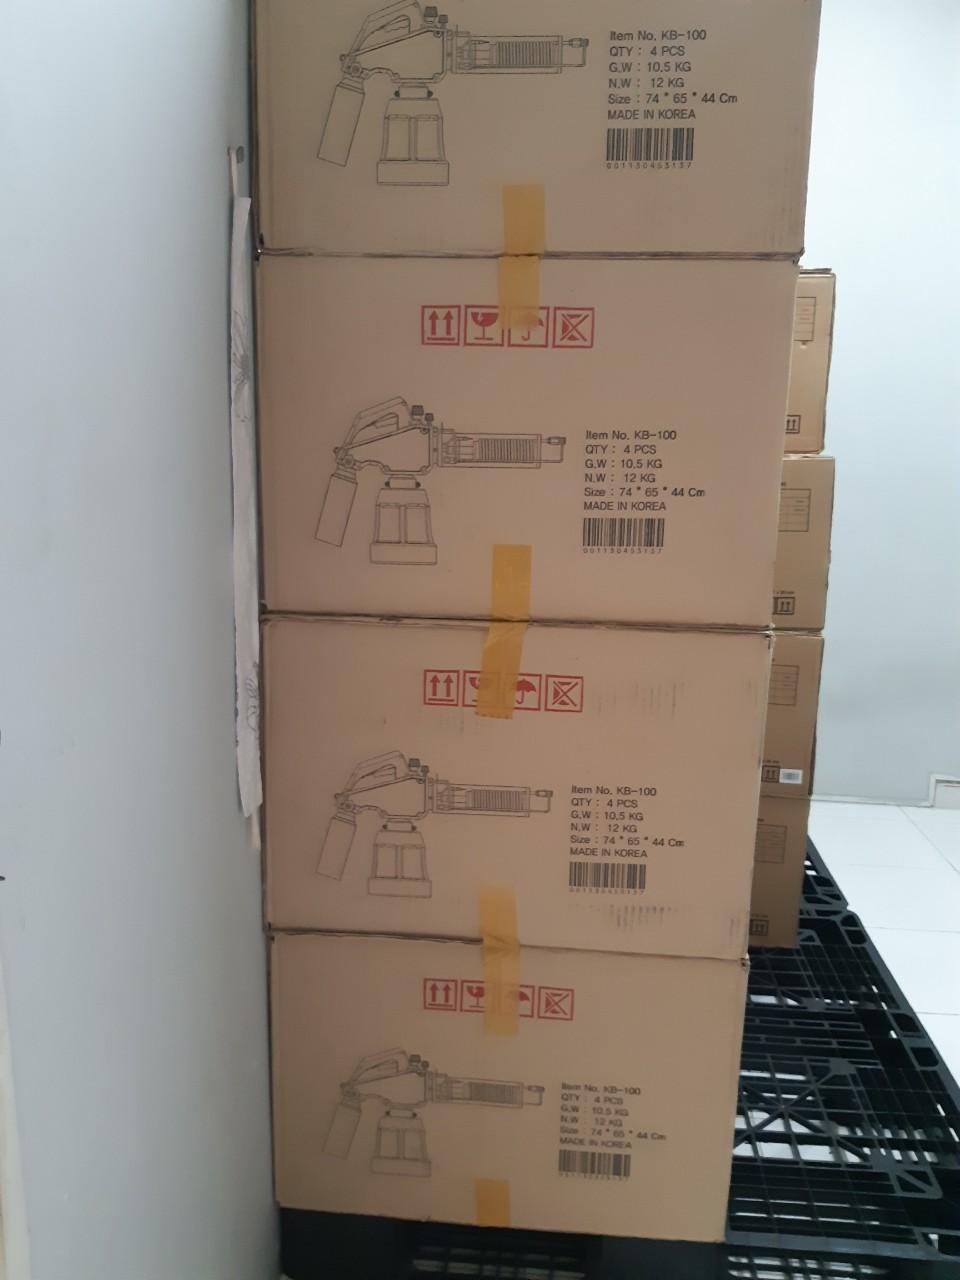 Lô hàng máy phun khói KB100 nhập khẩu chính hãng Hàn Quốc